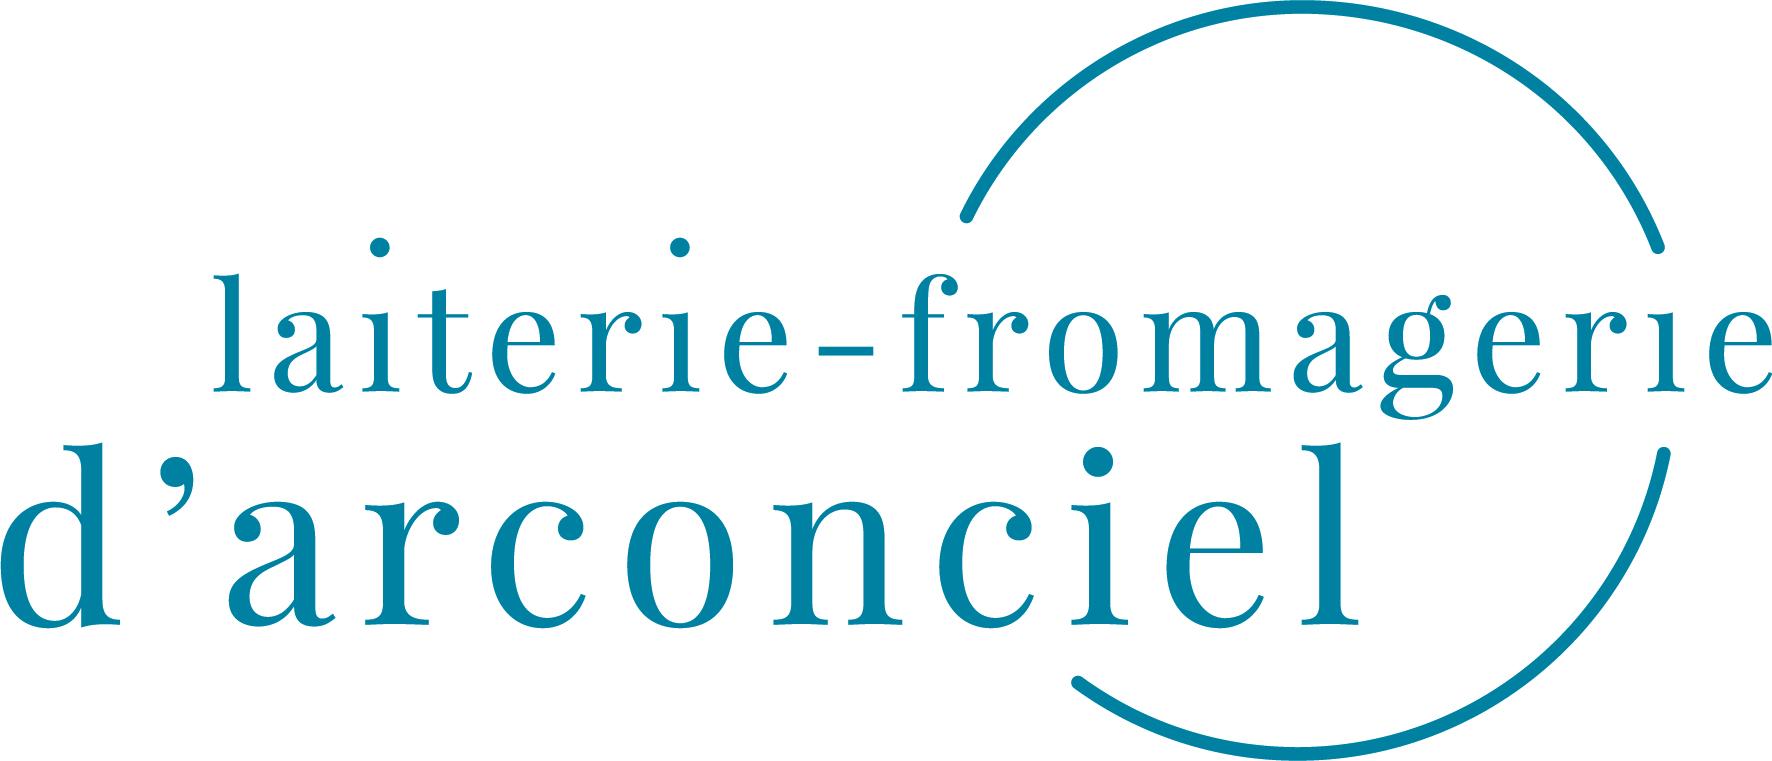 https://www.fcrichemond.ch/wp-content/uploads/2021/07/Annonce-Laiterie-dArconciel.jpg